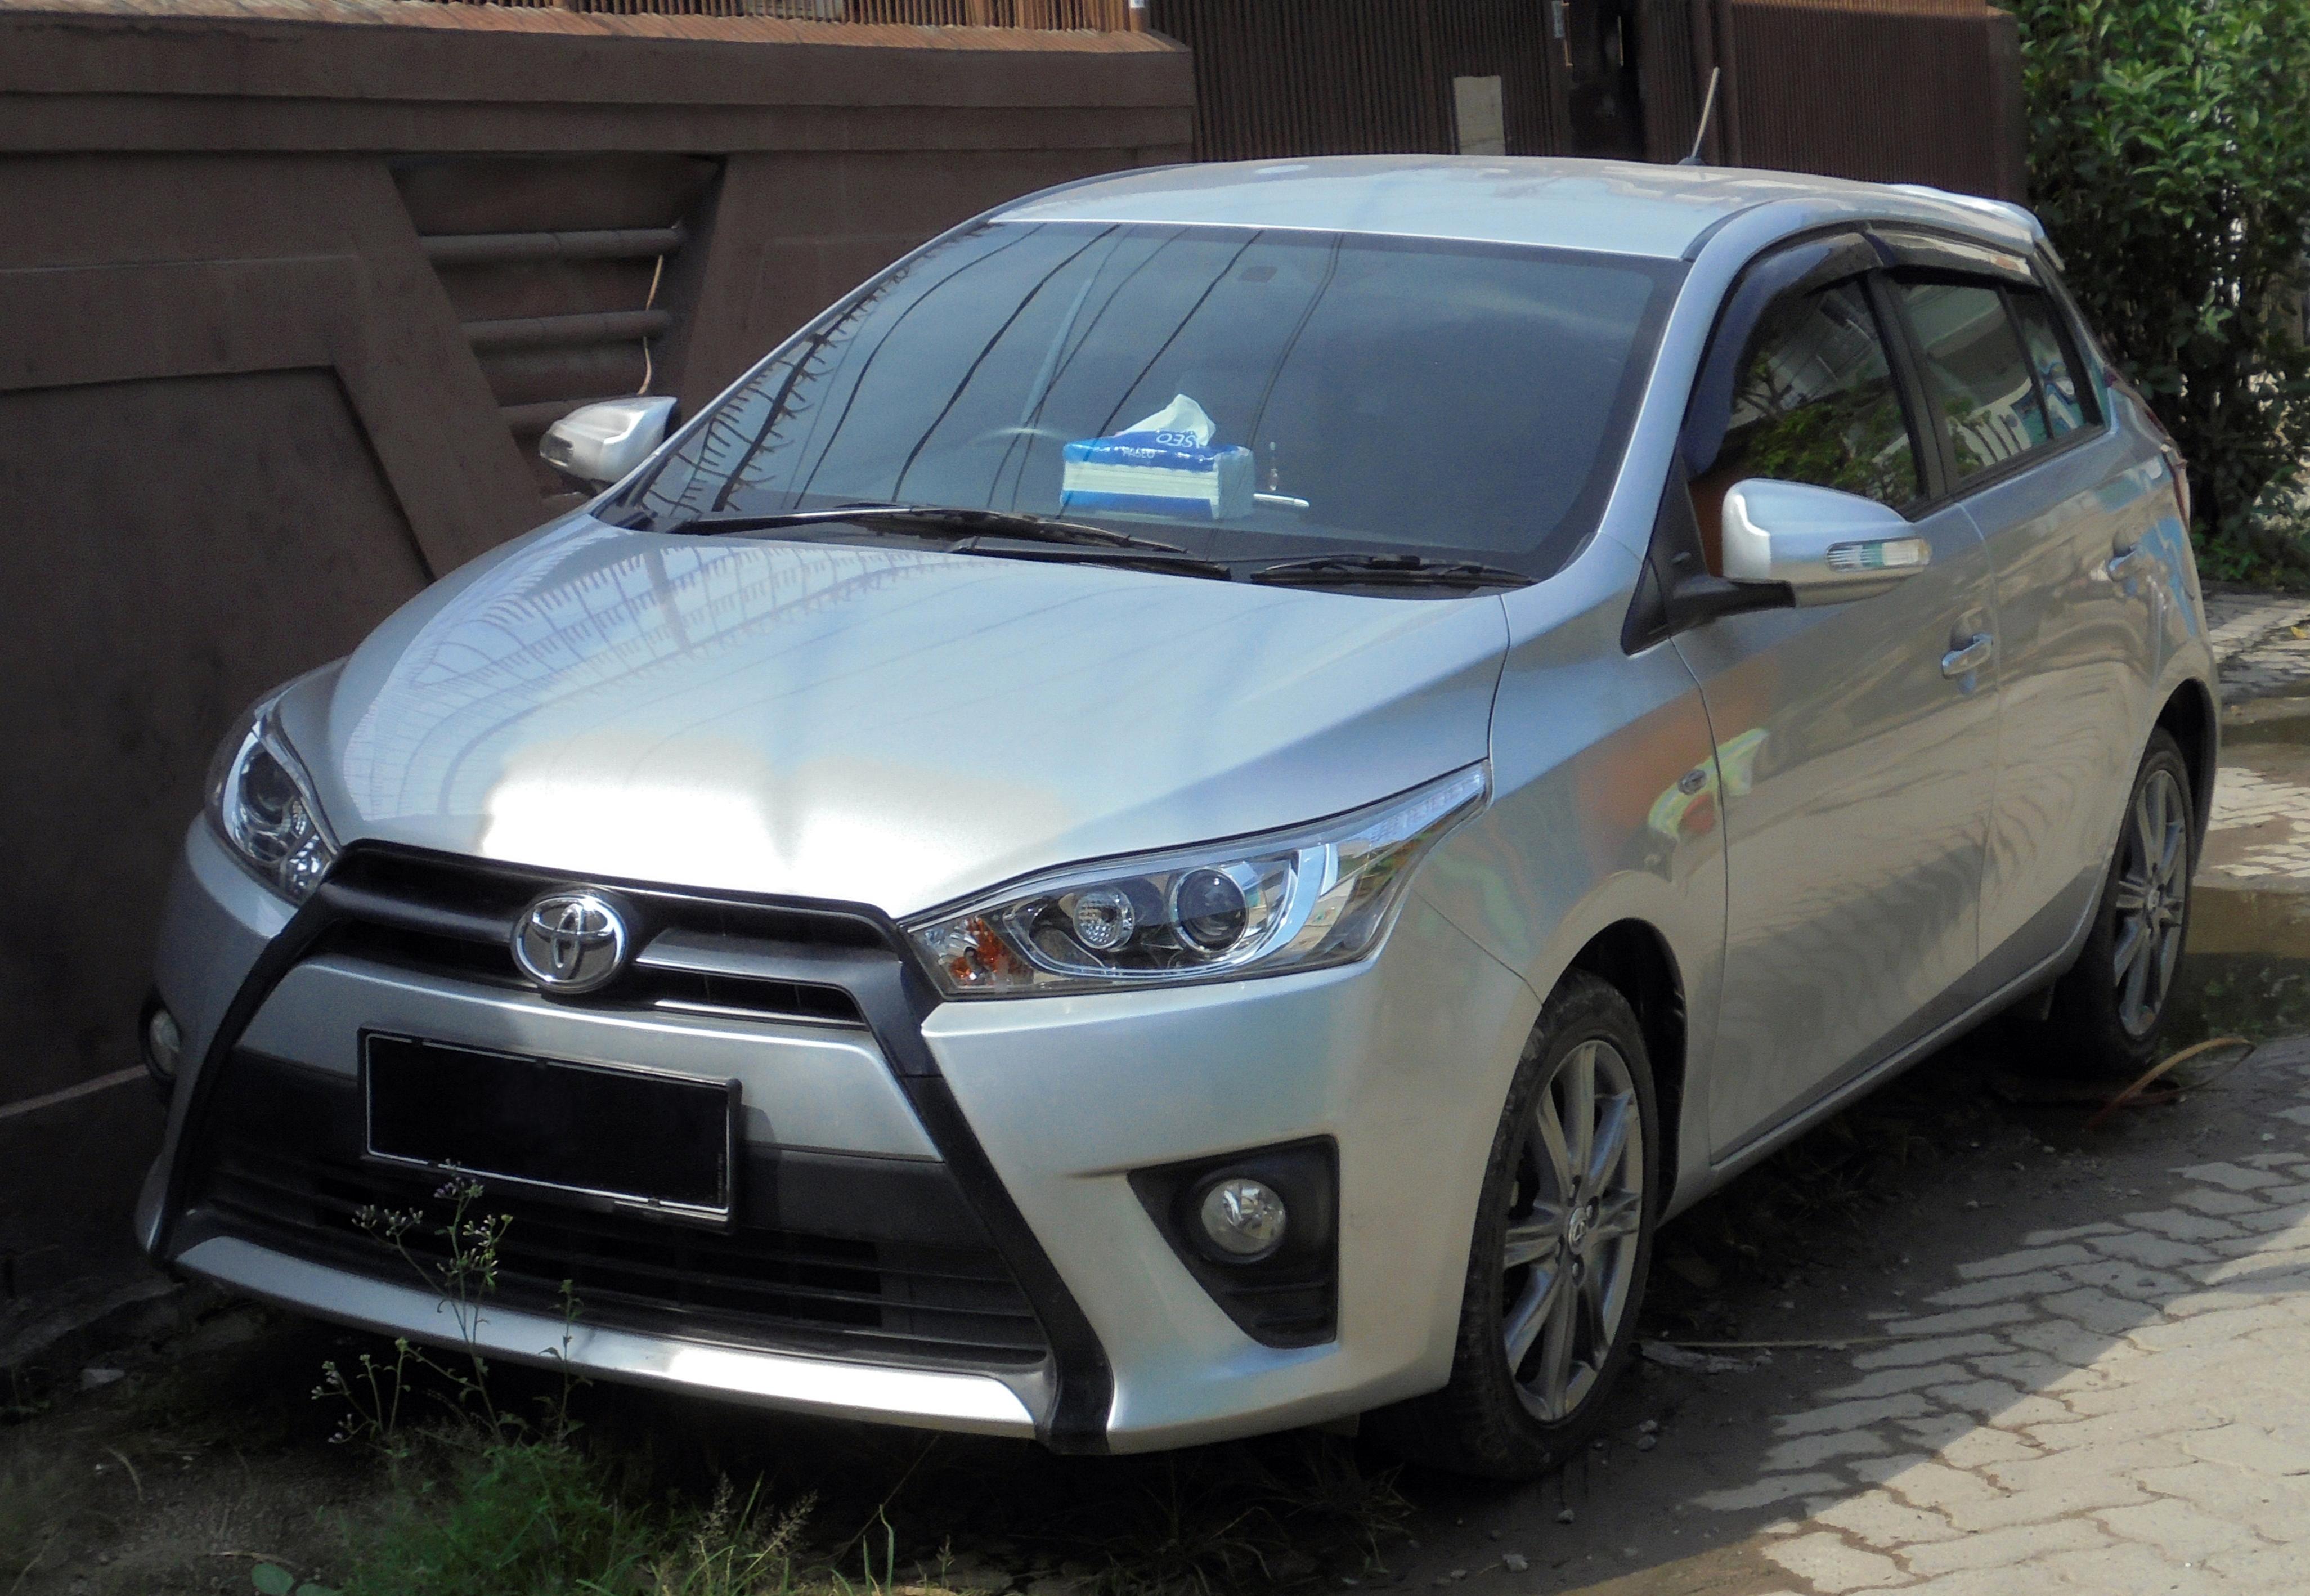 Kelebihan Harga Toyota Vios 2015 Murah Berkualitas